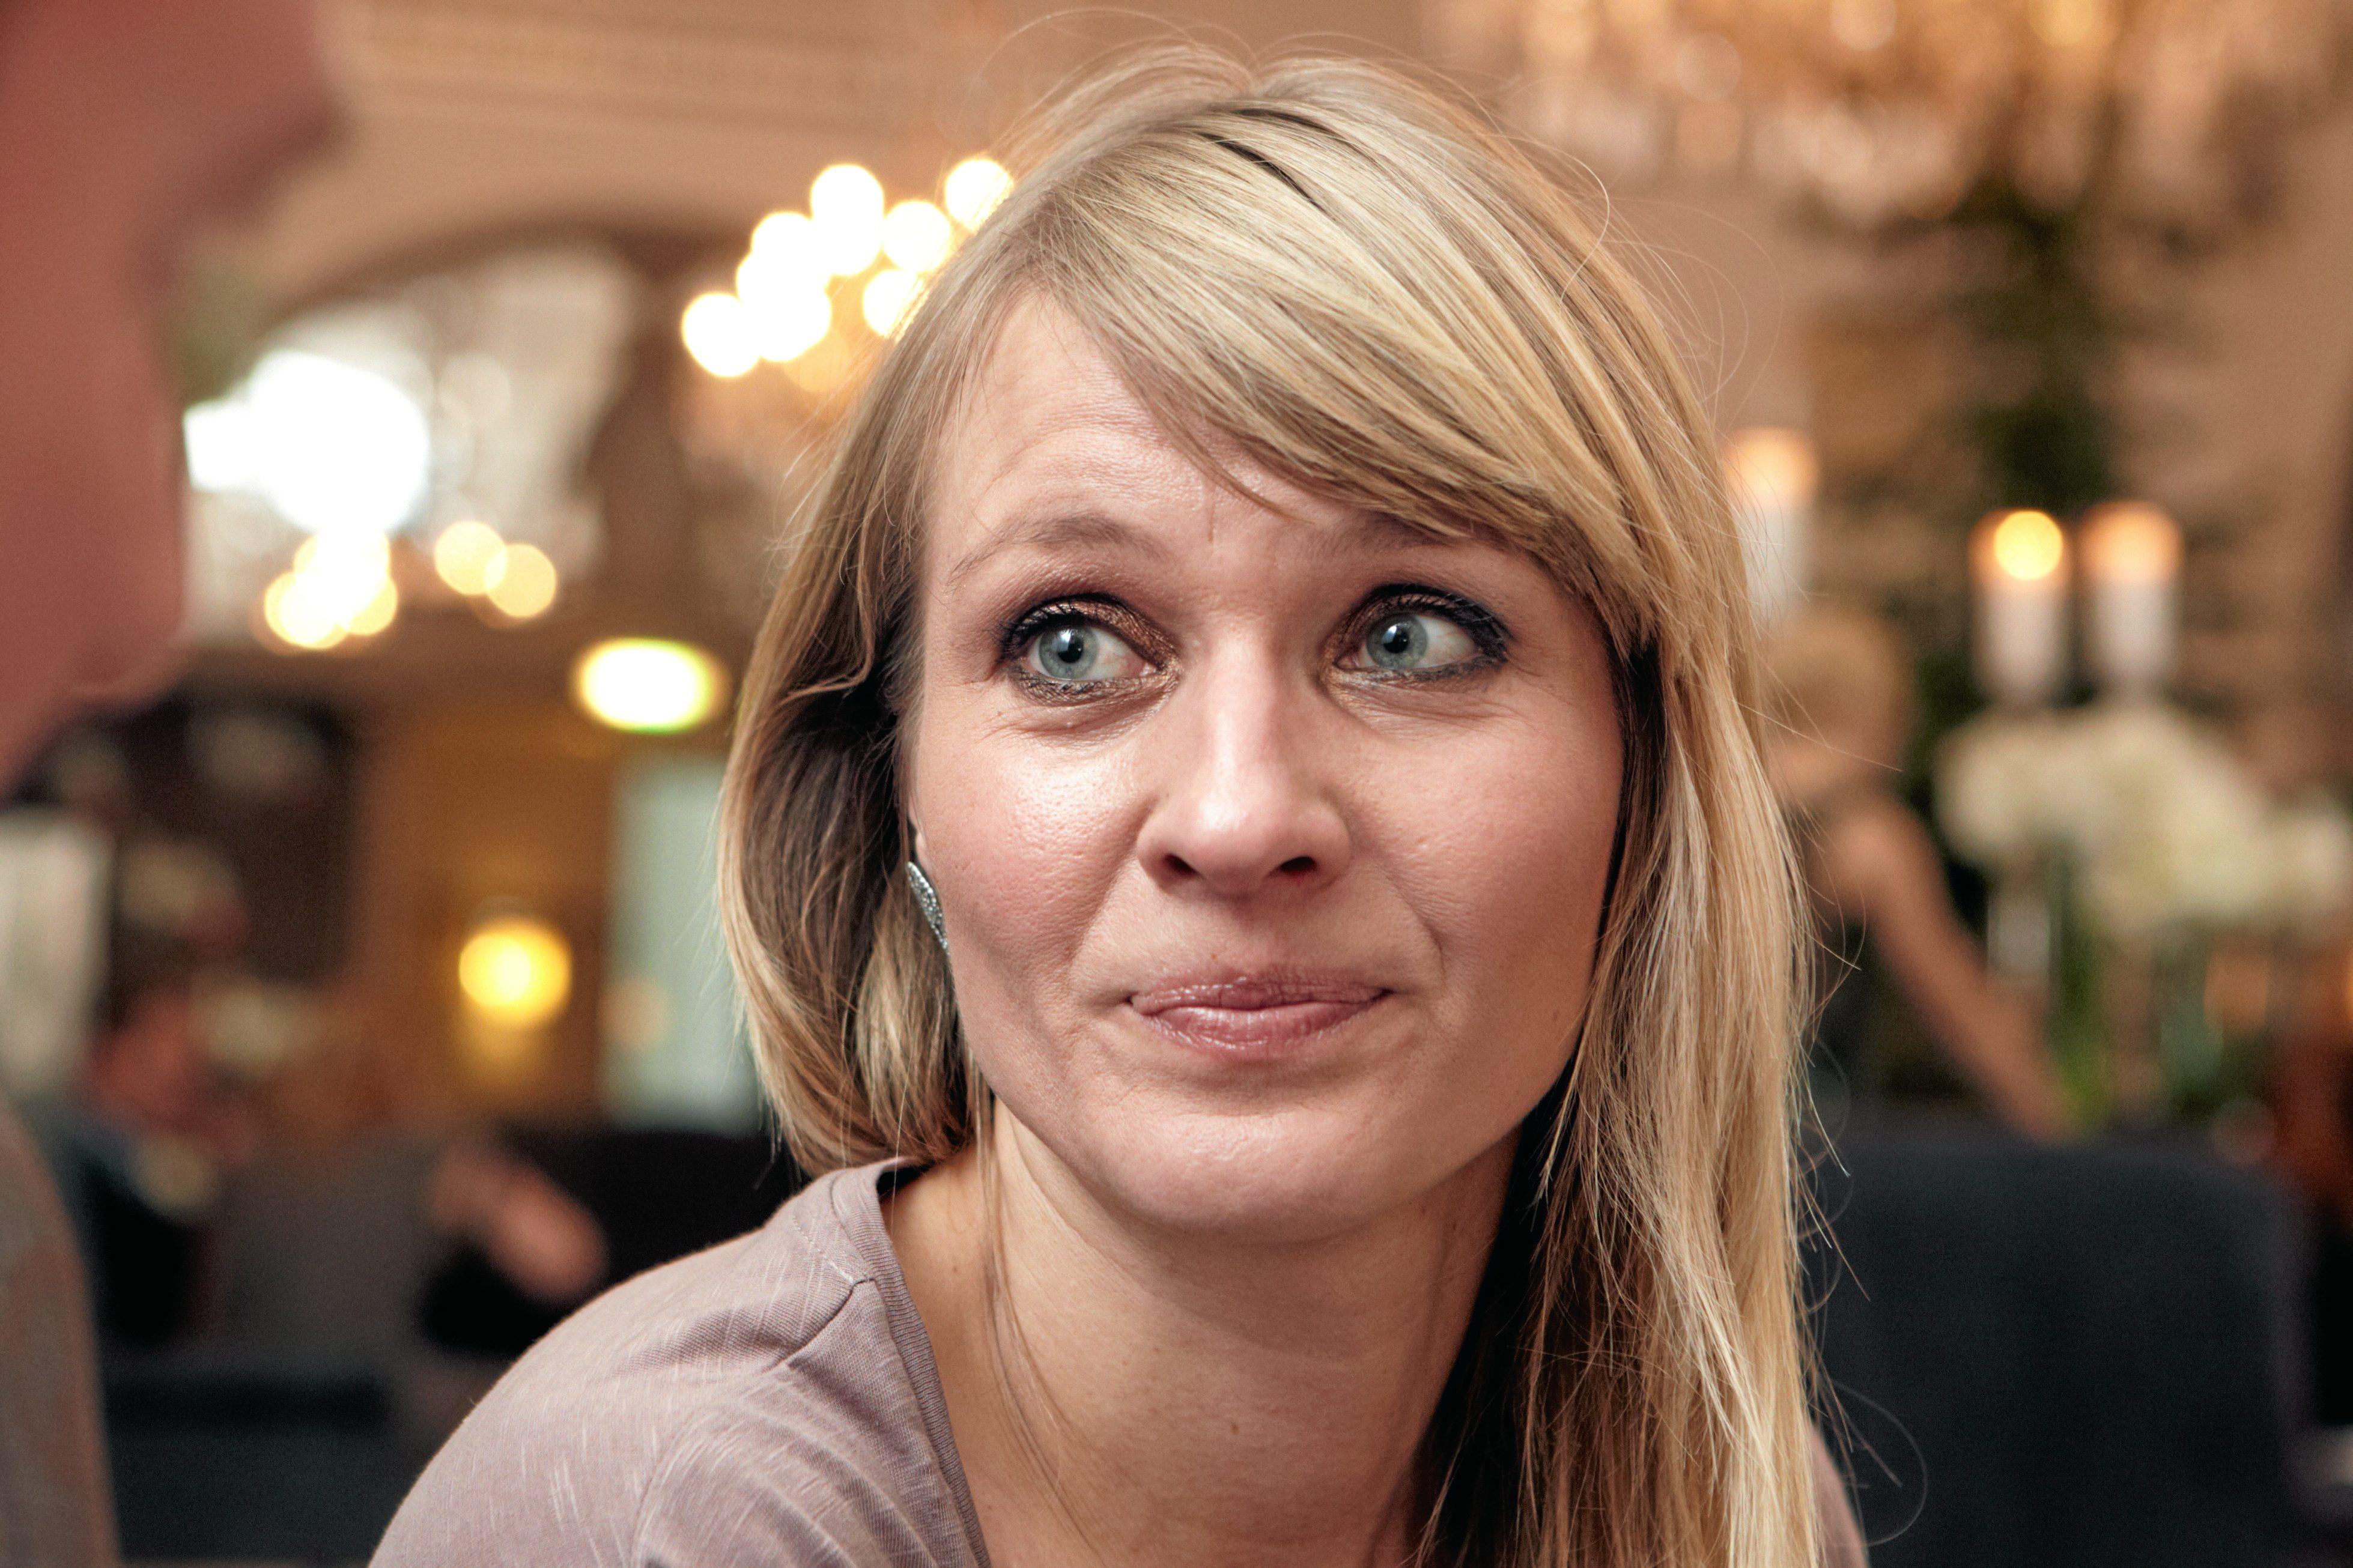 russisk kvinde søger dansk mand gratis gay sex